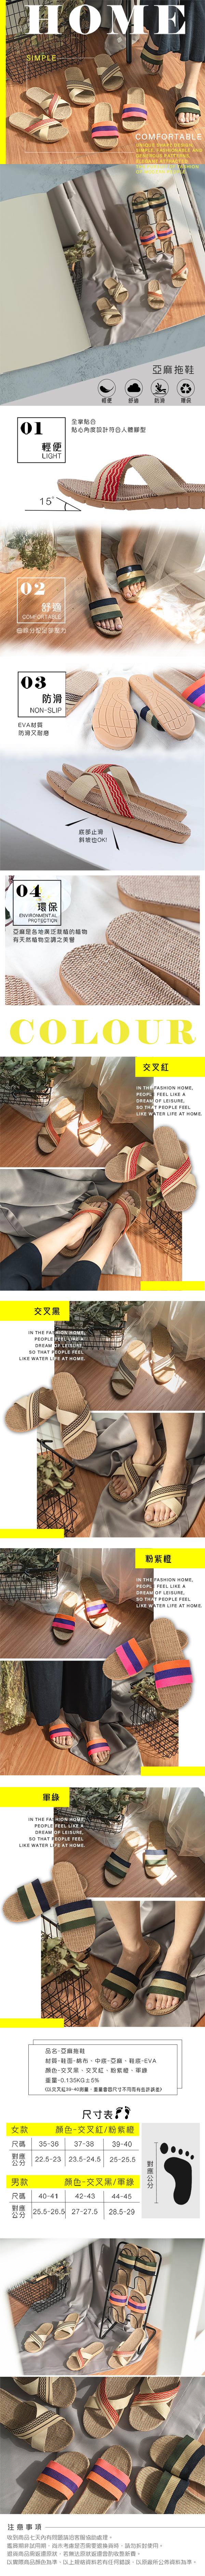 亞麻拖鞋、拖鞋、室內外居家拖鞋、室內拖鞋、居家拖鞋、室內外拖鞋、海灘涼鞋、涼鞋